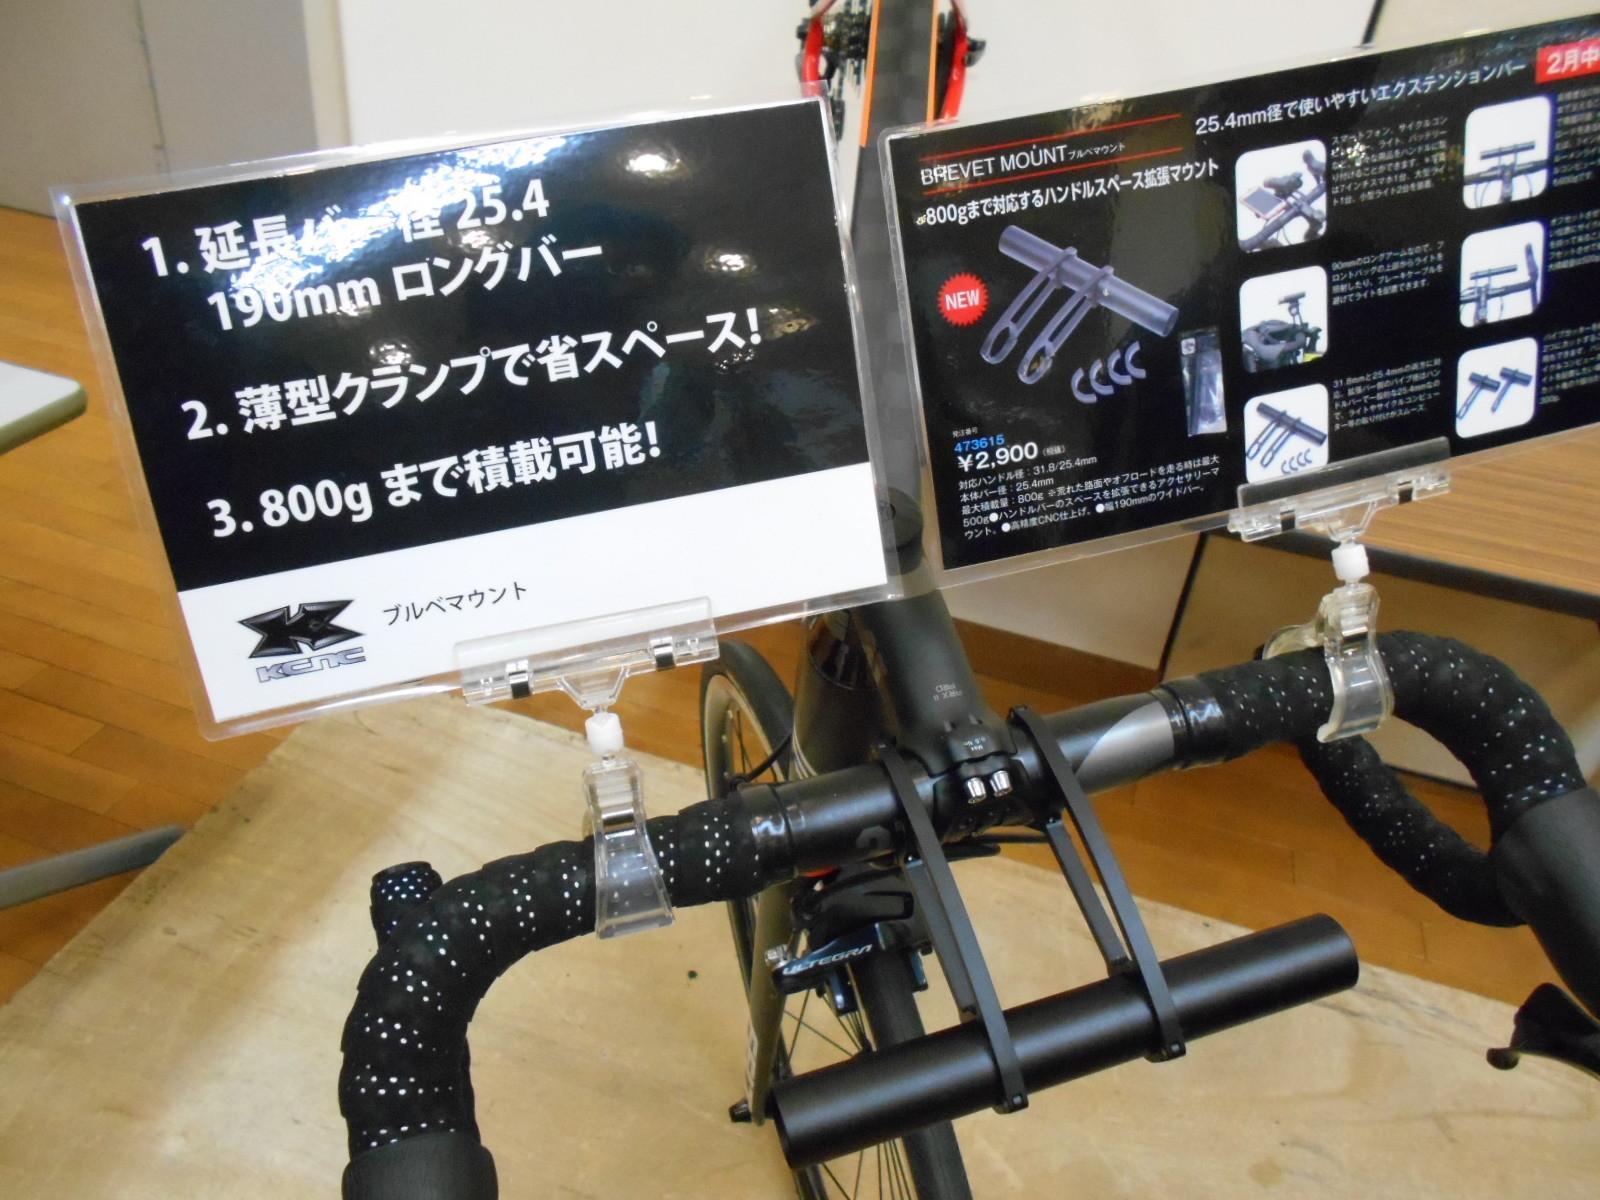 東京へ展示会に行ってきました_b0189682_11213289.jpg